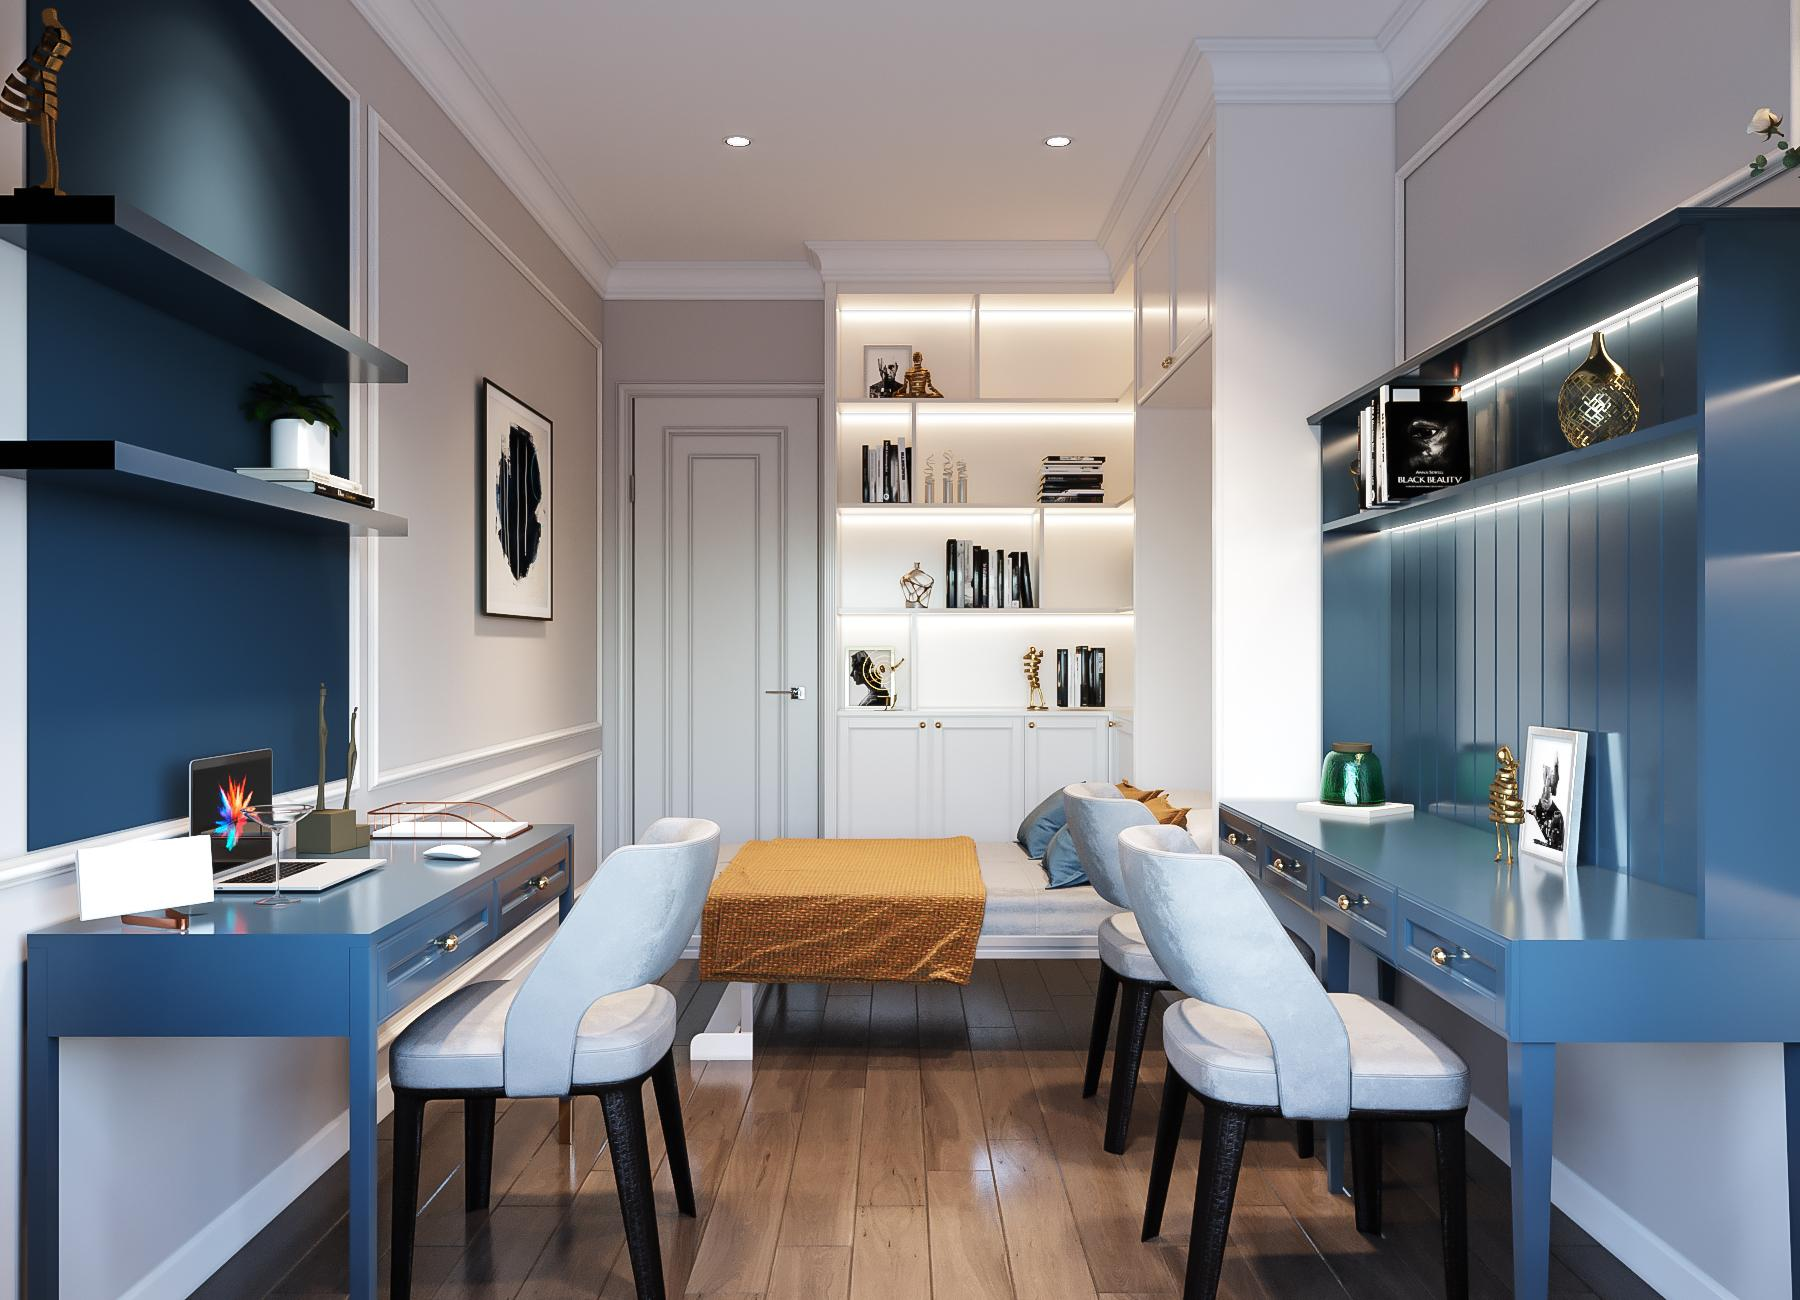 thiết kế nội thất căn hộ golden mansion - phòng ngủ nhỏ